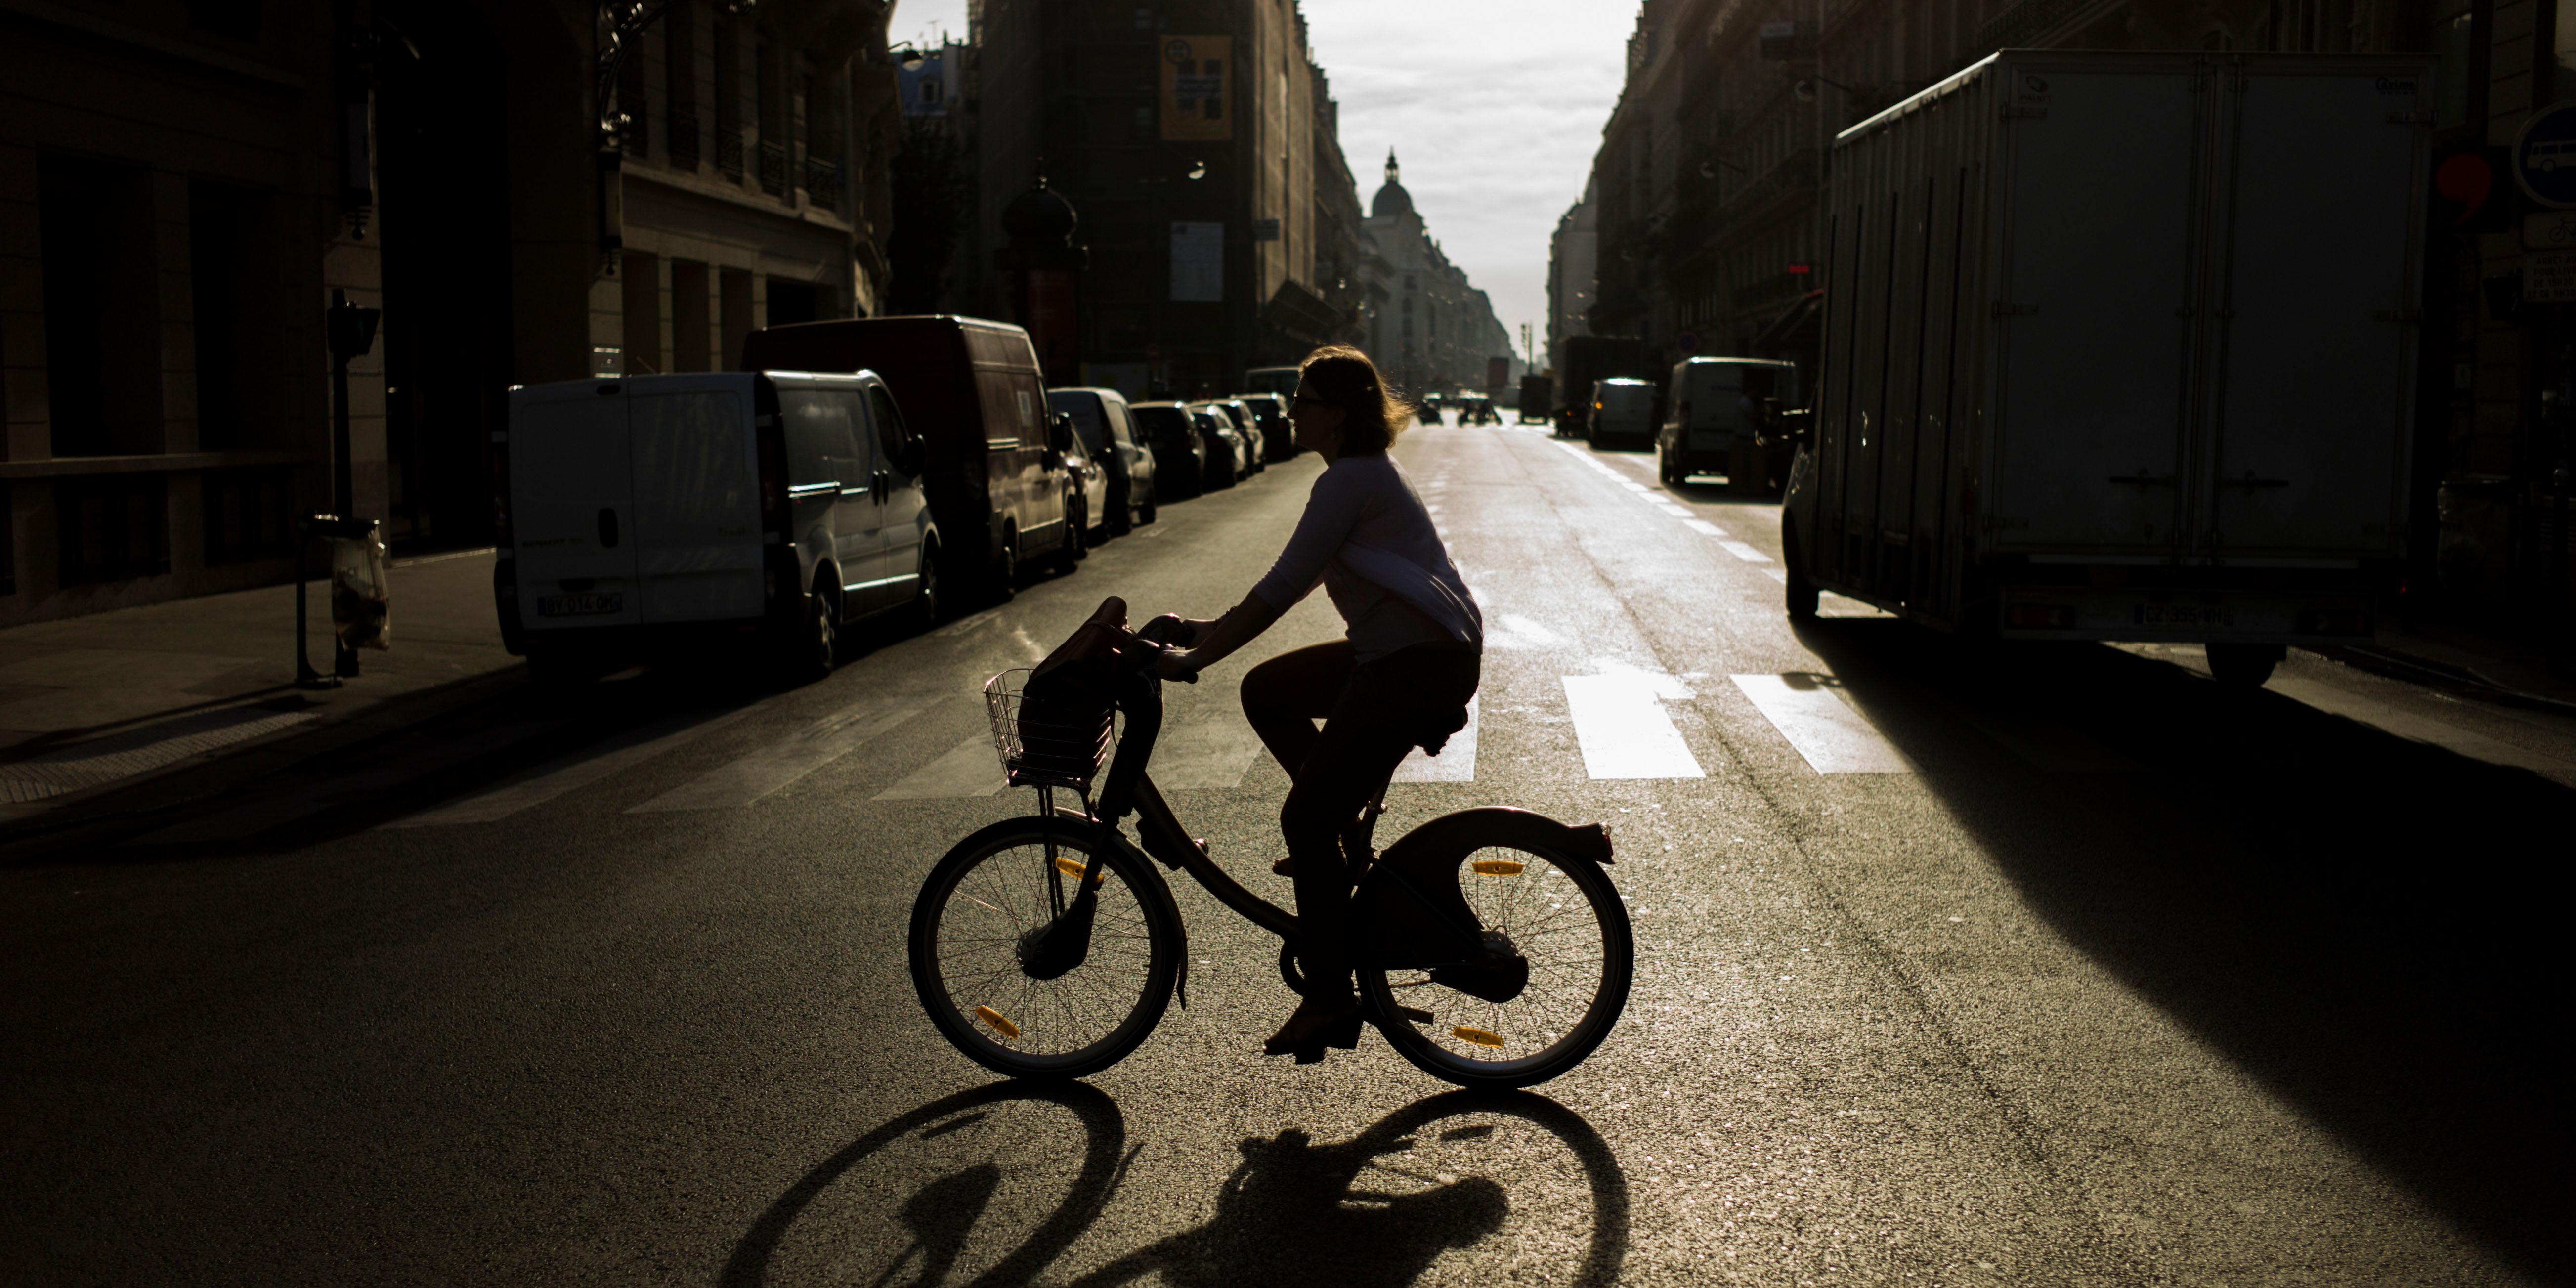 Douze minutes d'activité physique par jour suffisent pour être en meilleure santé - Europe 1